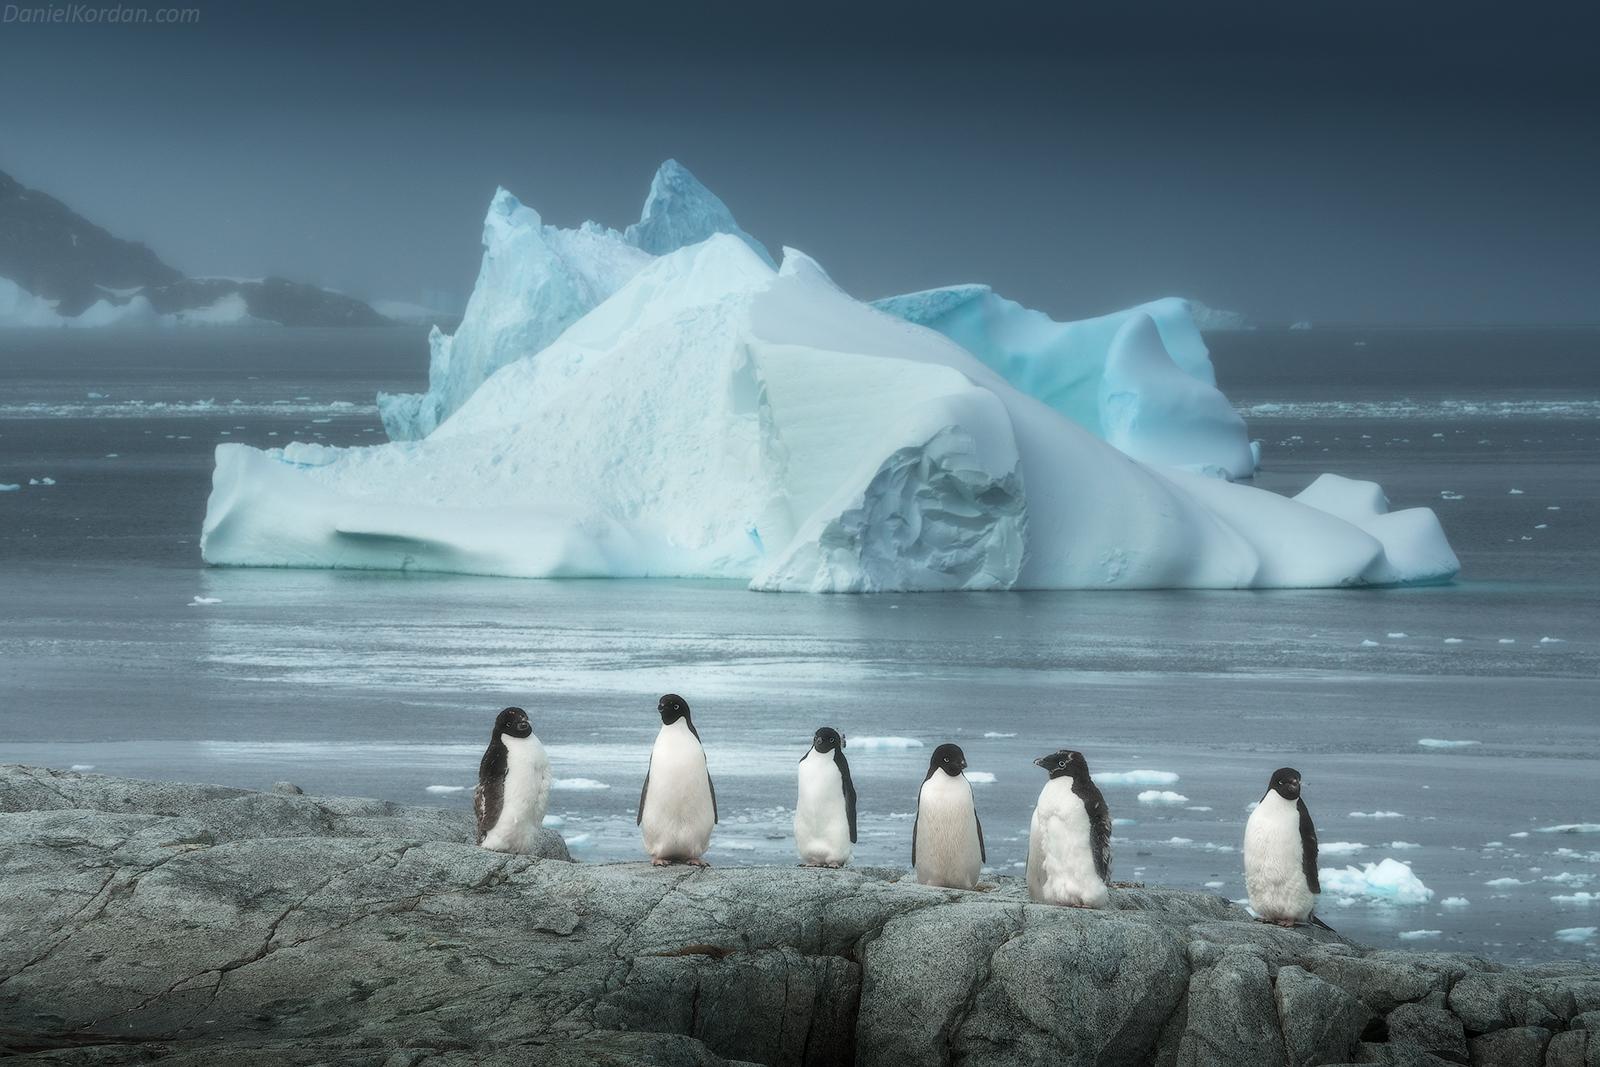 Antarctica Photography Expedition 2021 & 2022 with Daniel Kordan